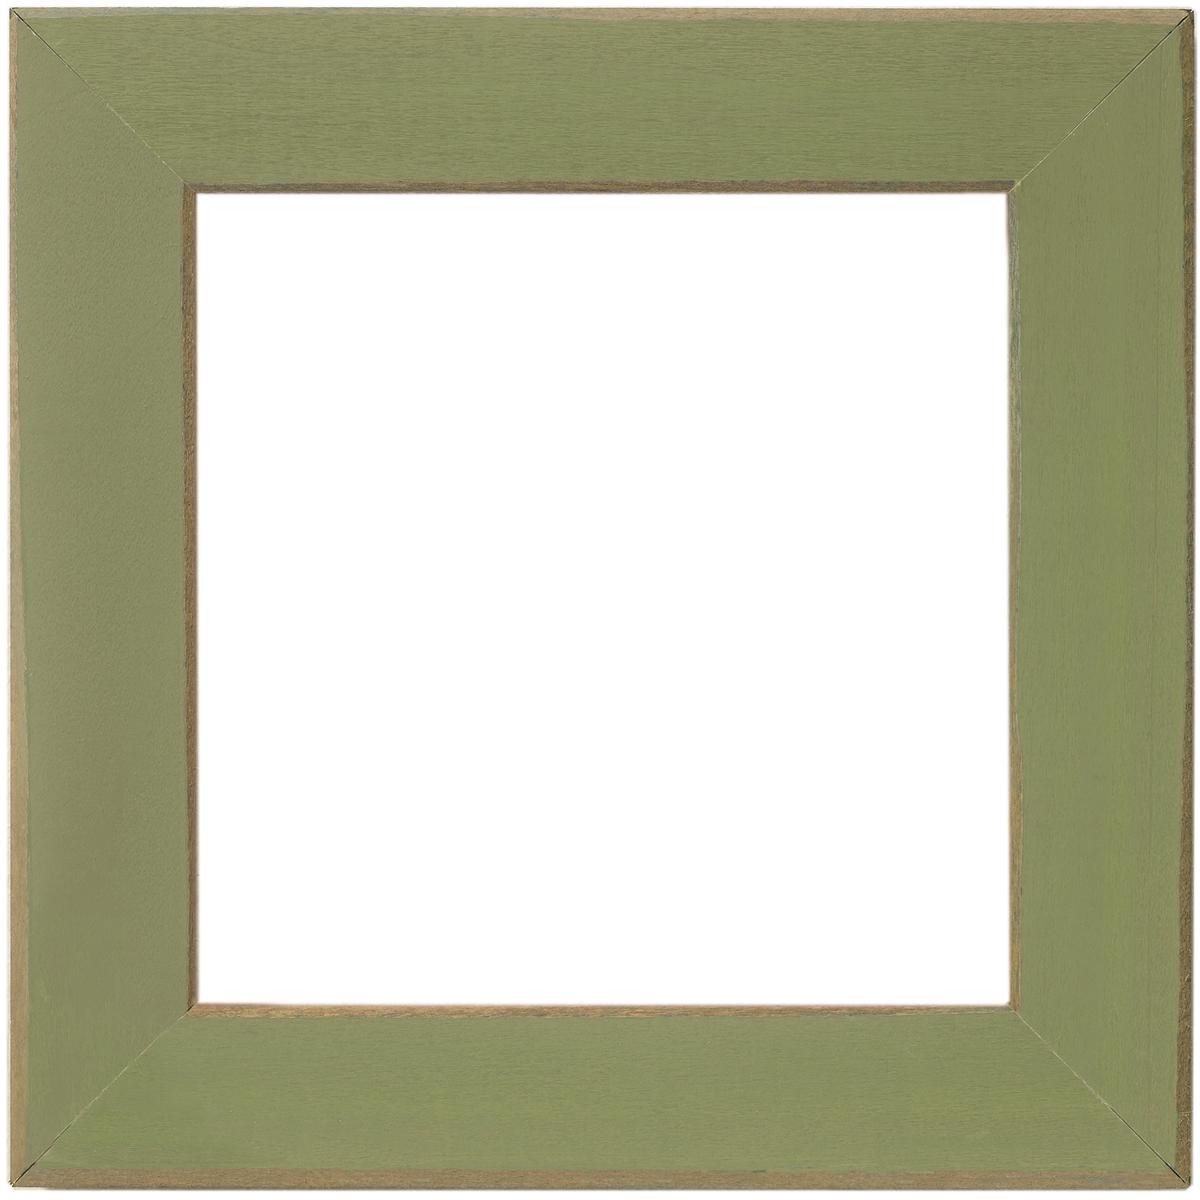 Frame 6X6-Olive